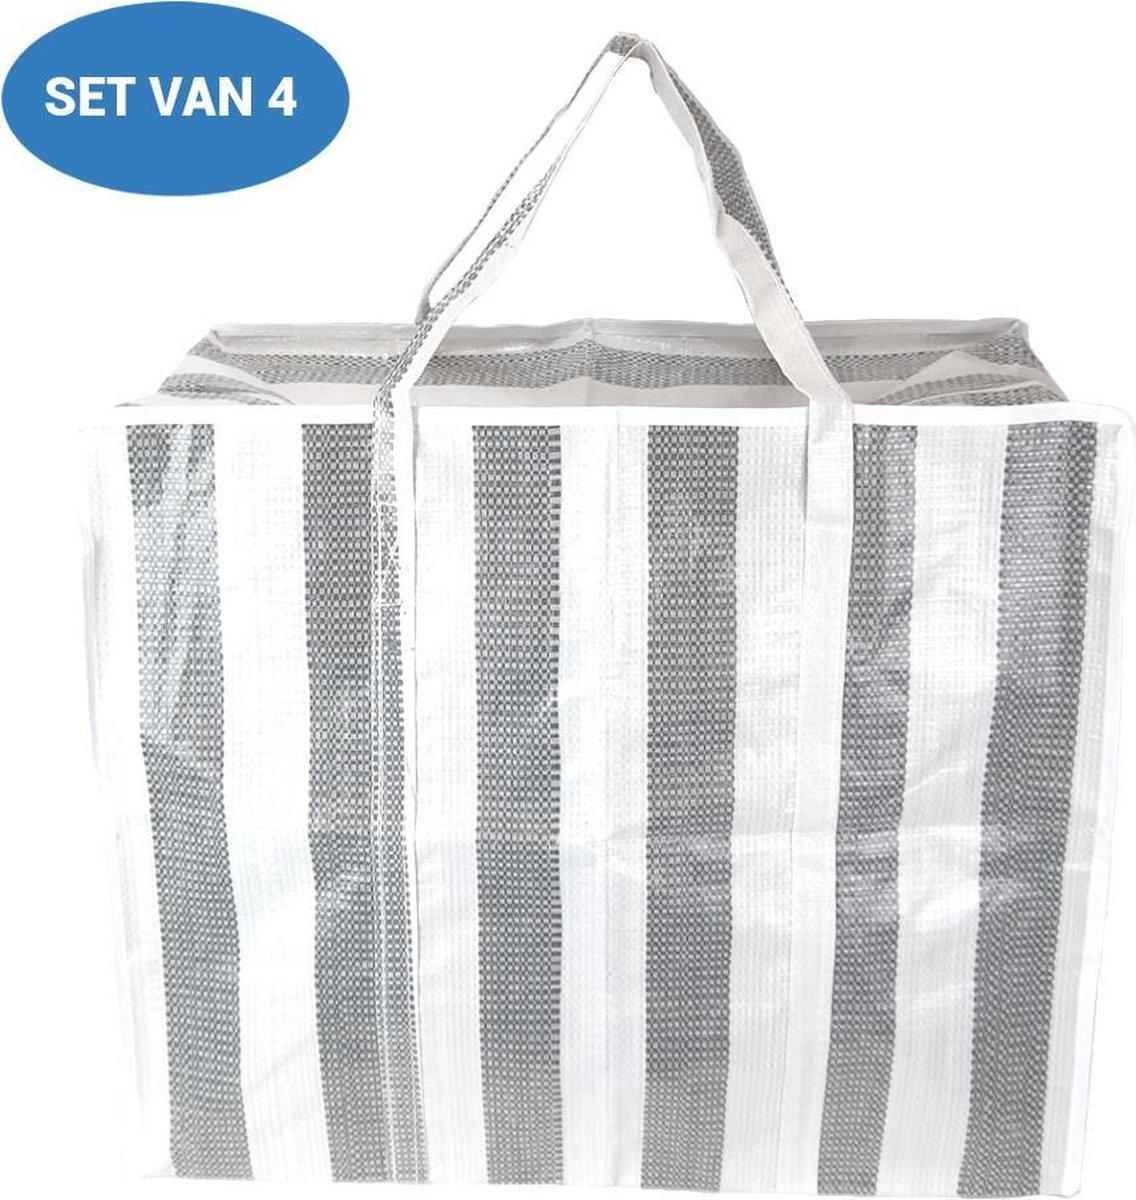 XL Opbergtas - Big Shopper - Reistas Extra Groot - Grote Booschappentas - 75 Liter - Grijs Wit - Set